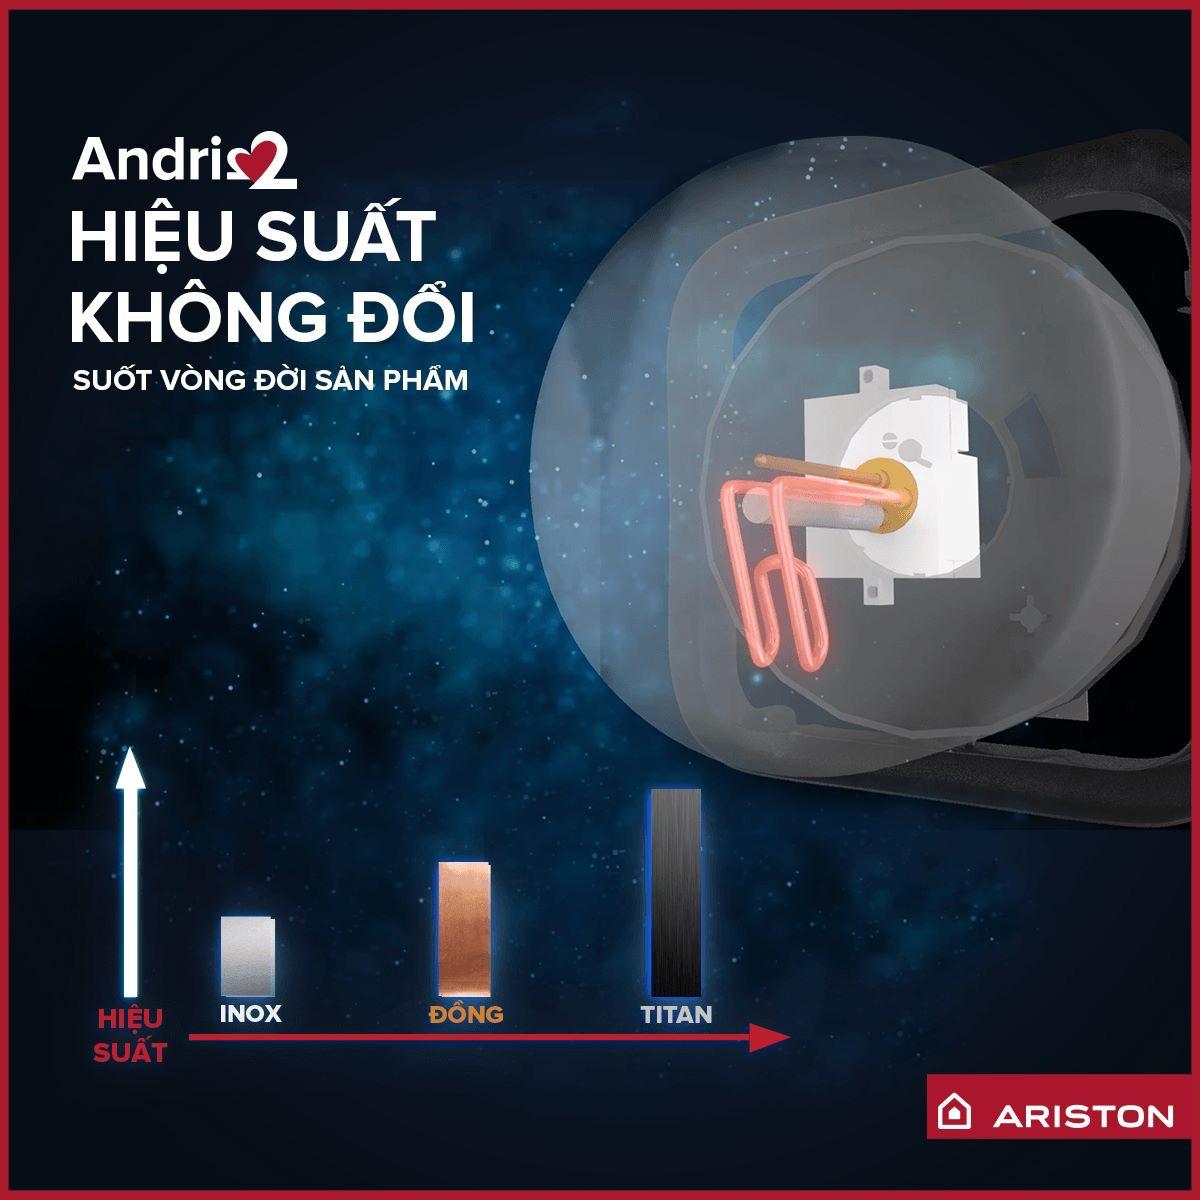 Bình nước nóng Ariston ANDRIS2 TOP 30L 2